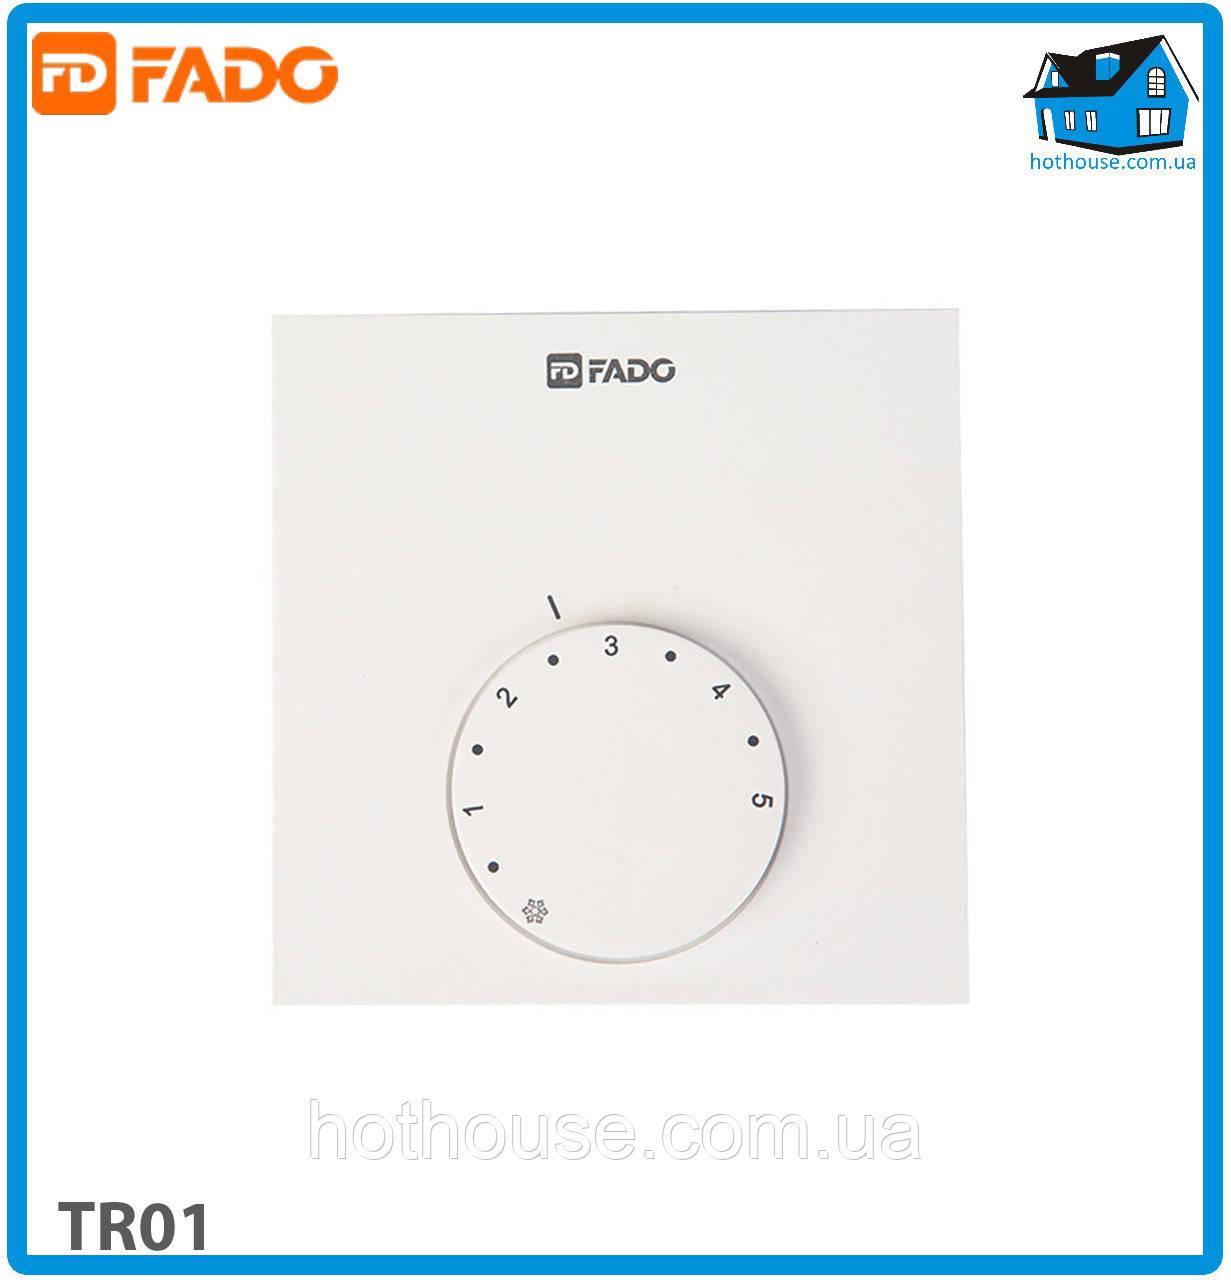 Терморегулятор выносной FADO TR01 FLOOR